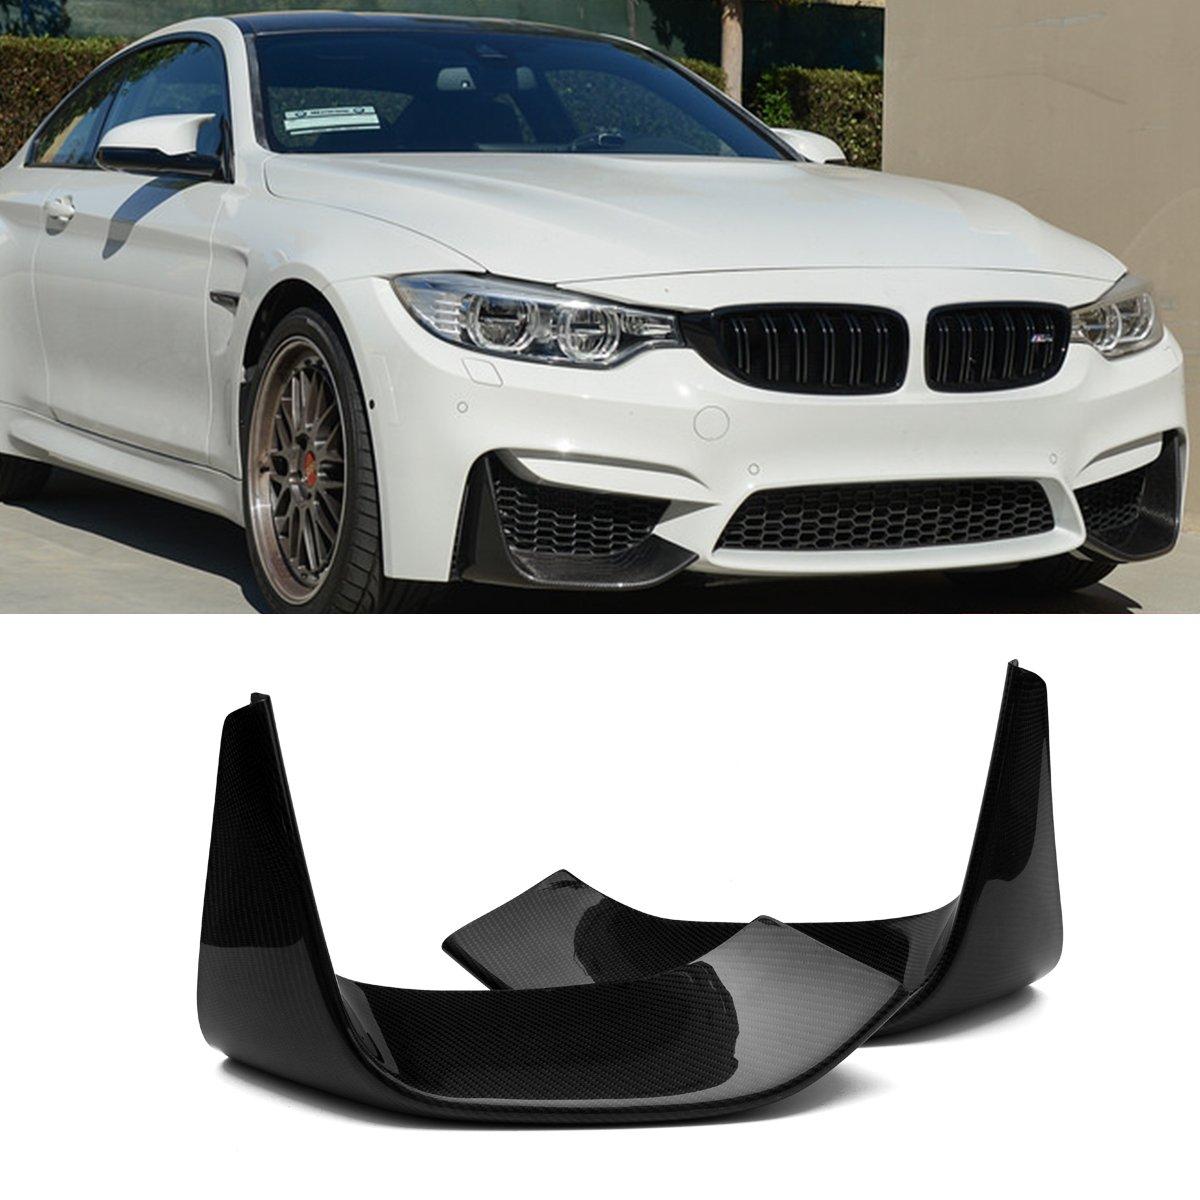 Fandixin F82 Splitters, 2 Pieces Add-on Carbon Fiber Front Bumber Splitters Lip for BMW F82 M4 F83 M4 F80 M3